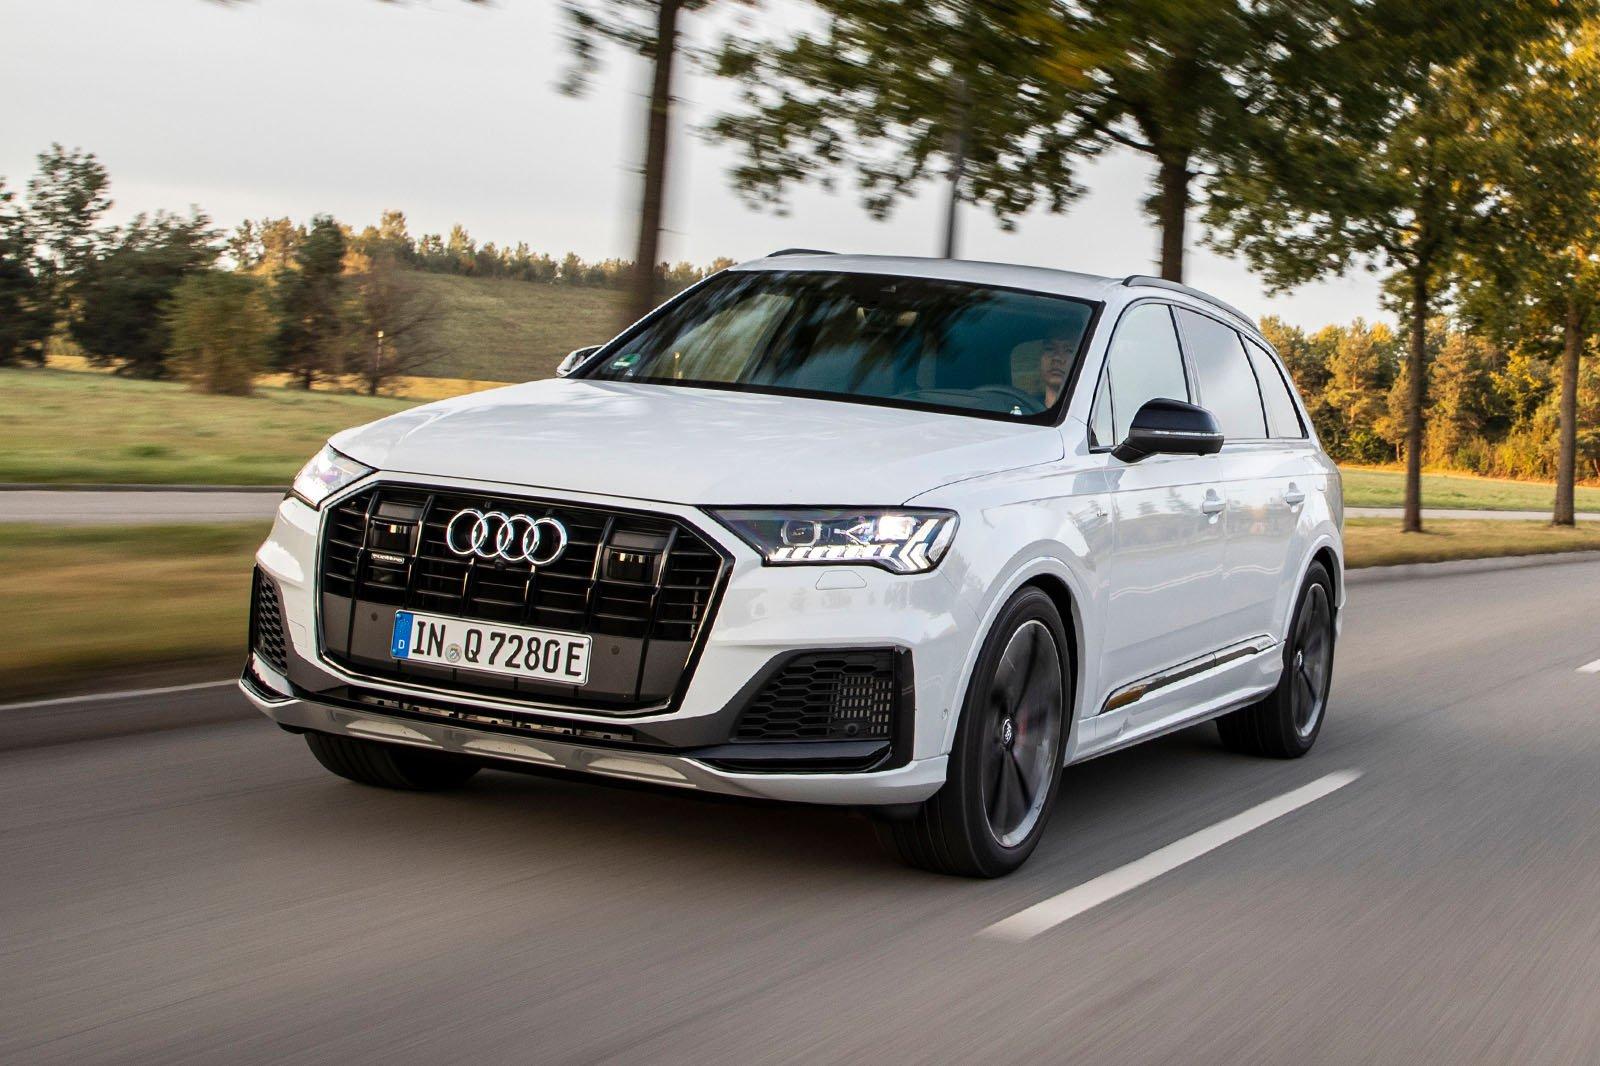 2020 Audi Q7 60 TFSIe front